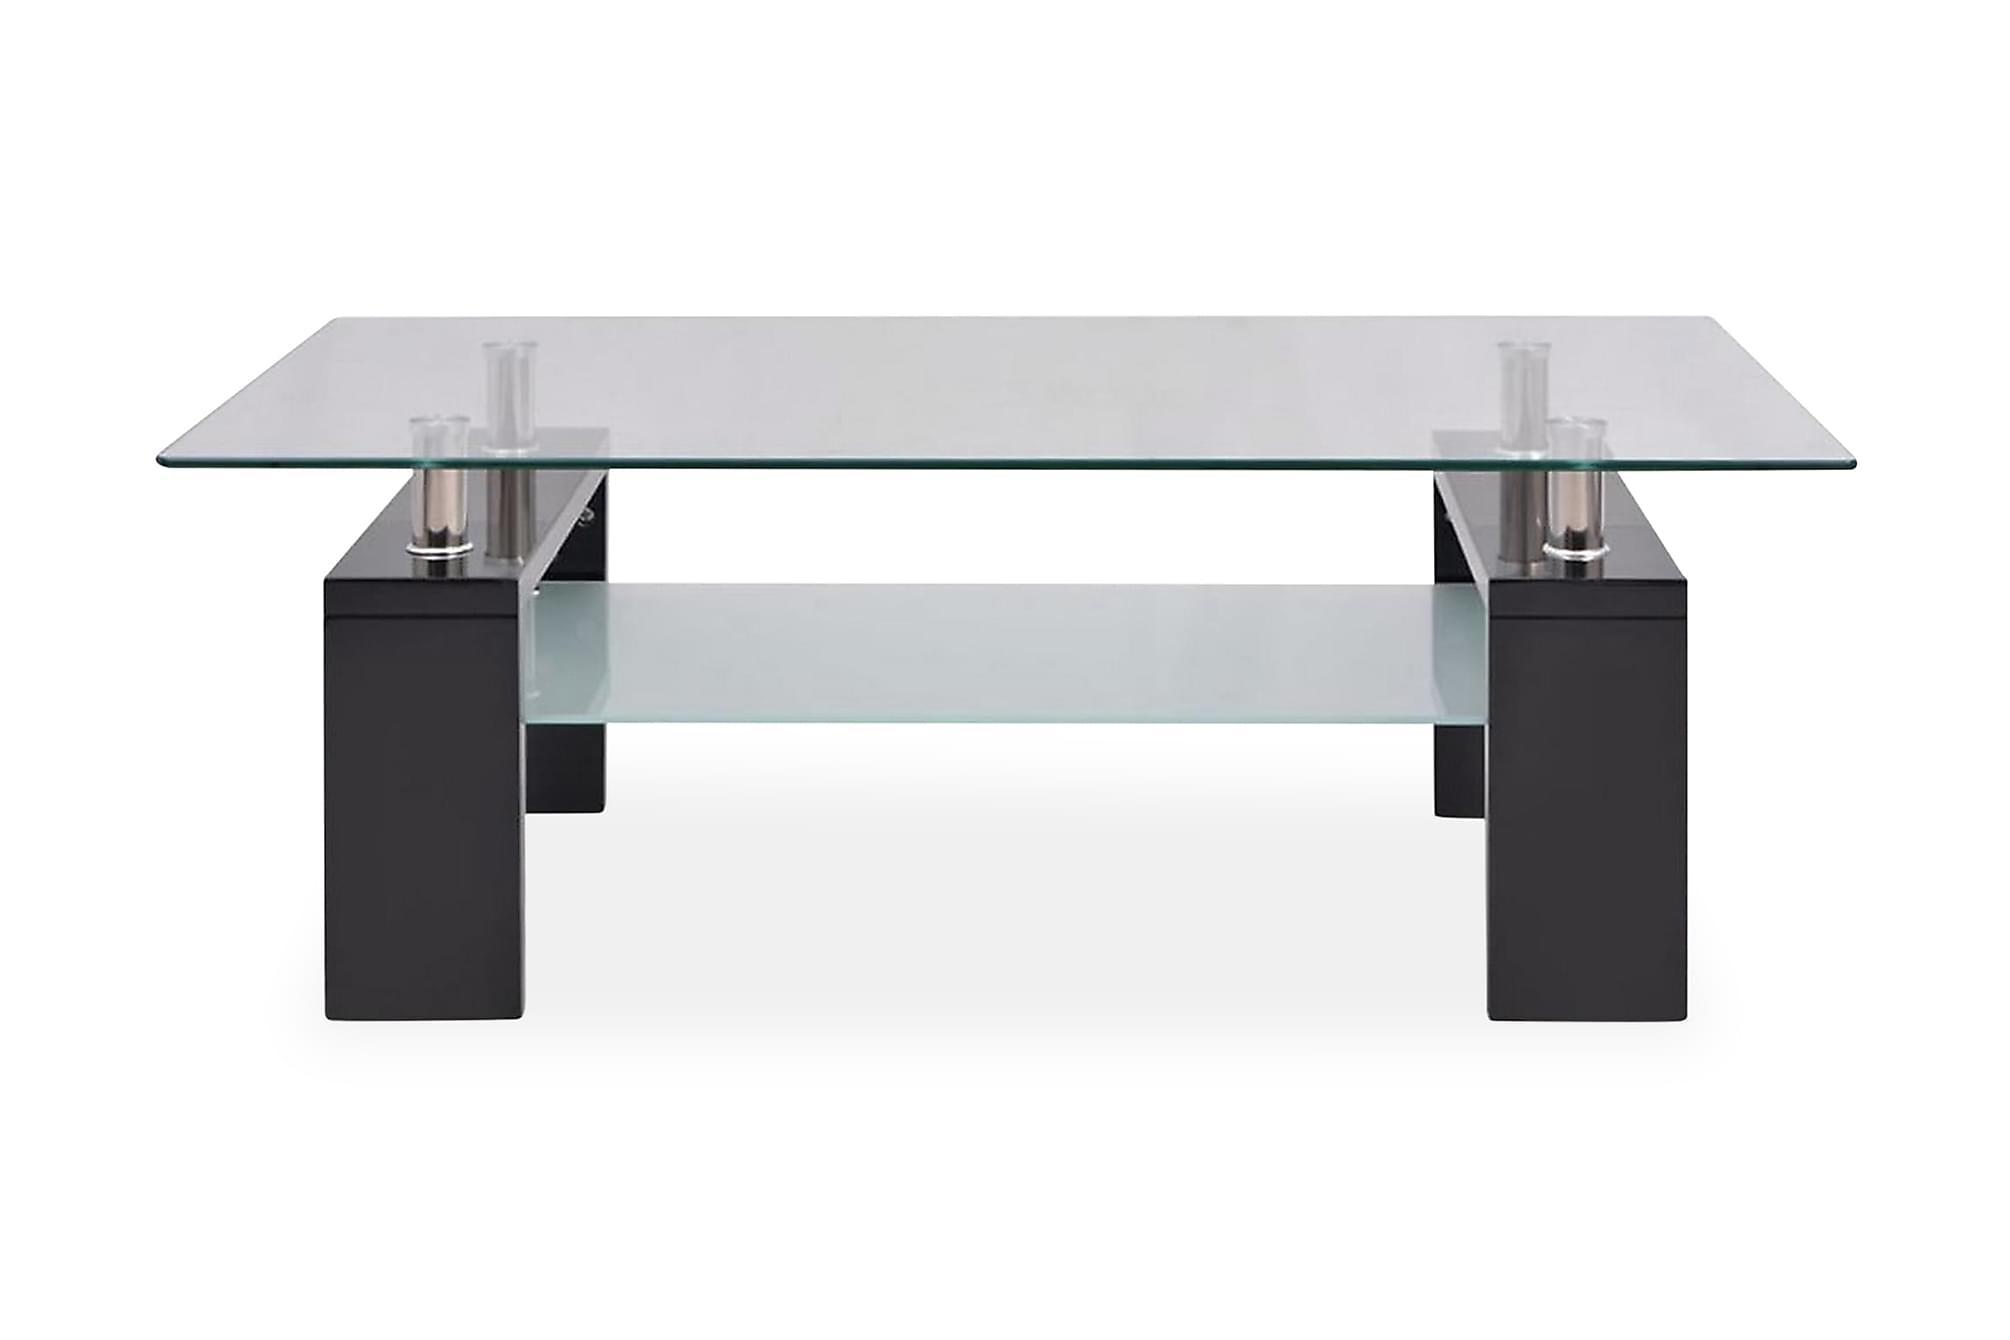 Soffbord med hylla undertill 110x60x40 cm högglans svart